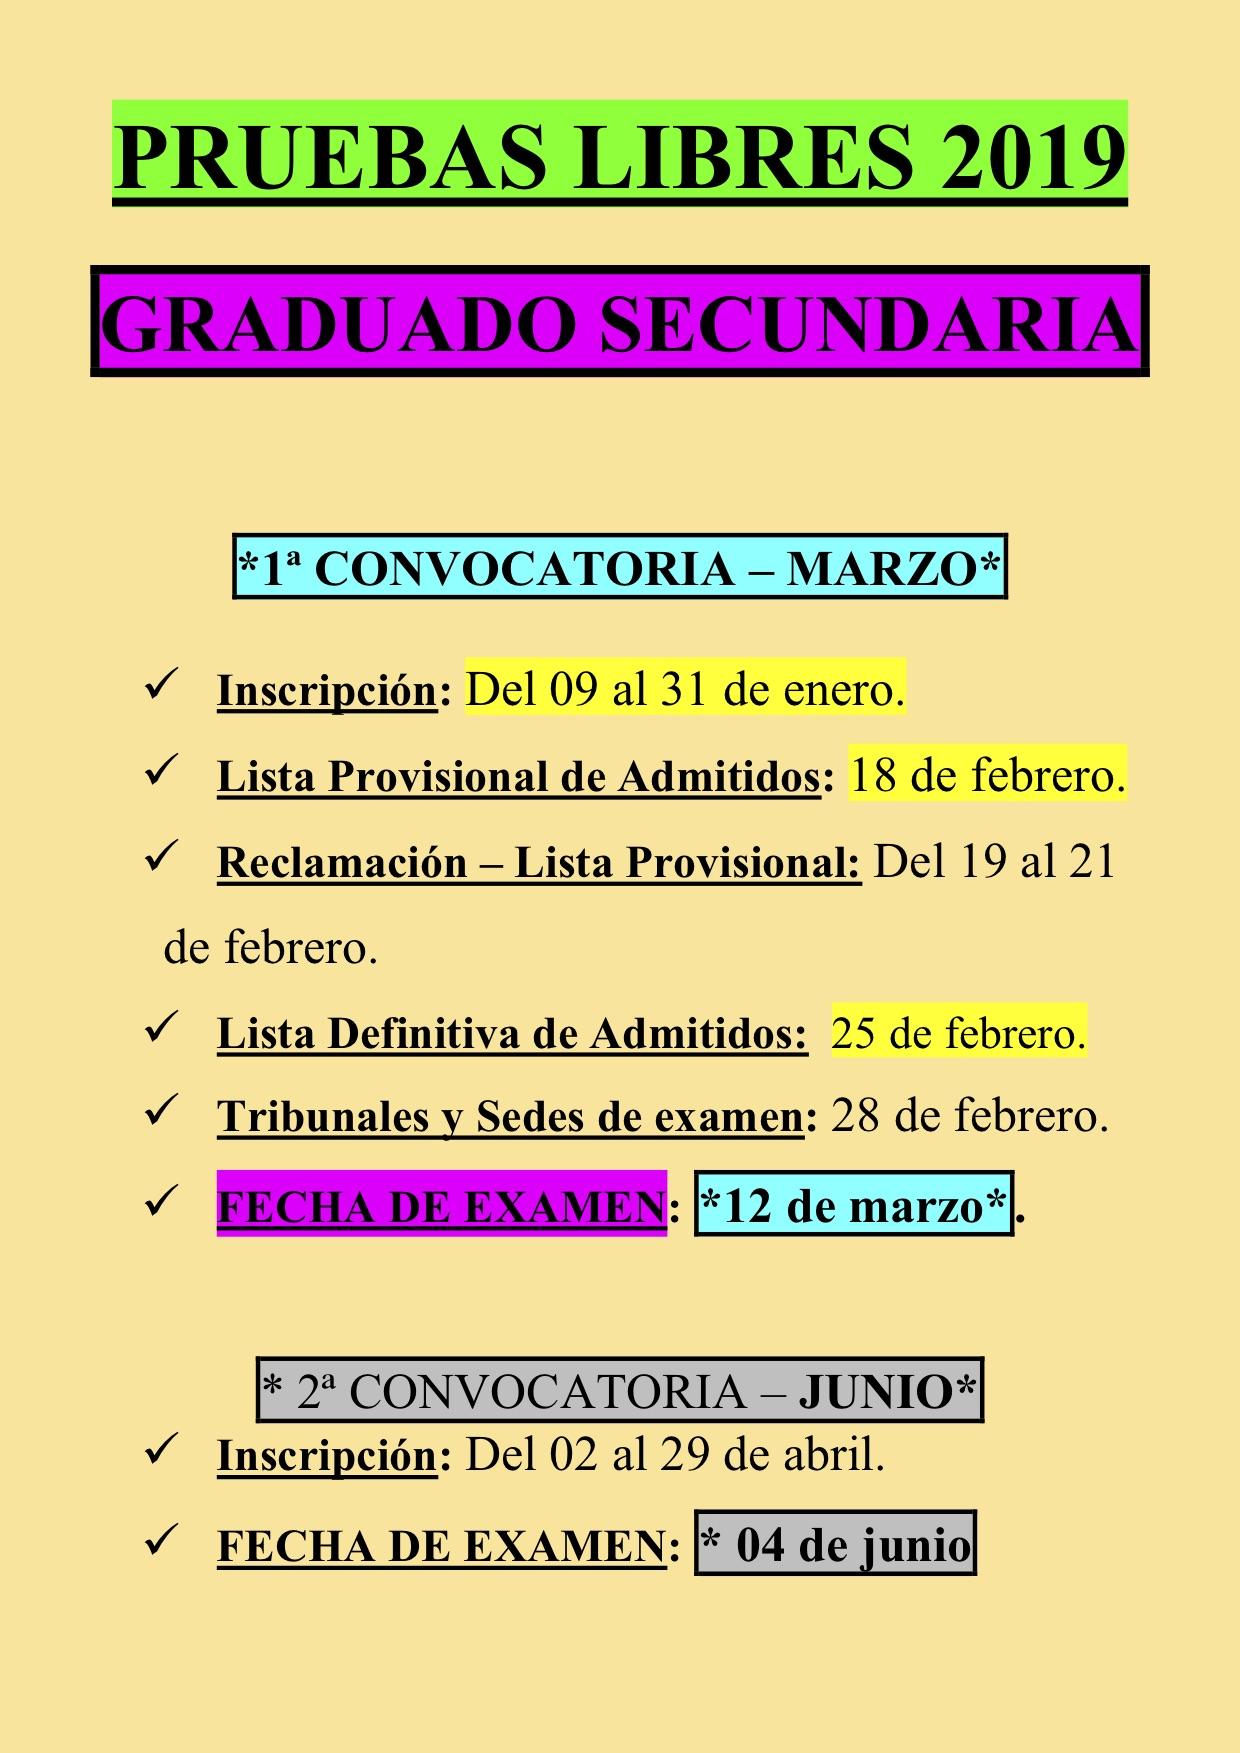 Prueba Libre GRADUADO SECUNDARIA 2019